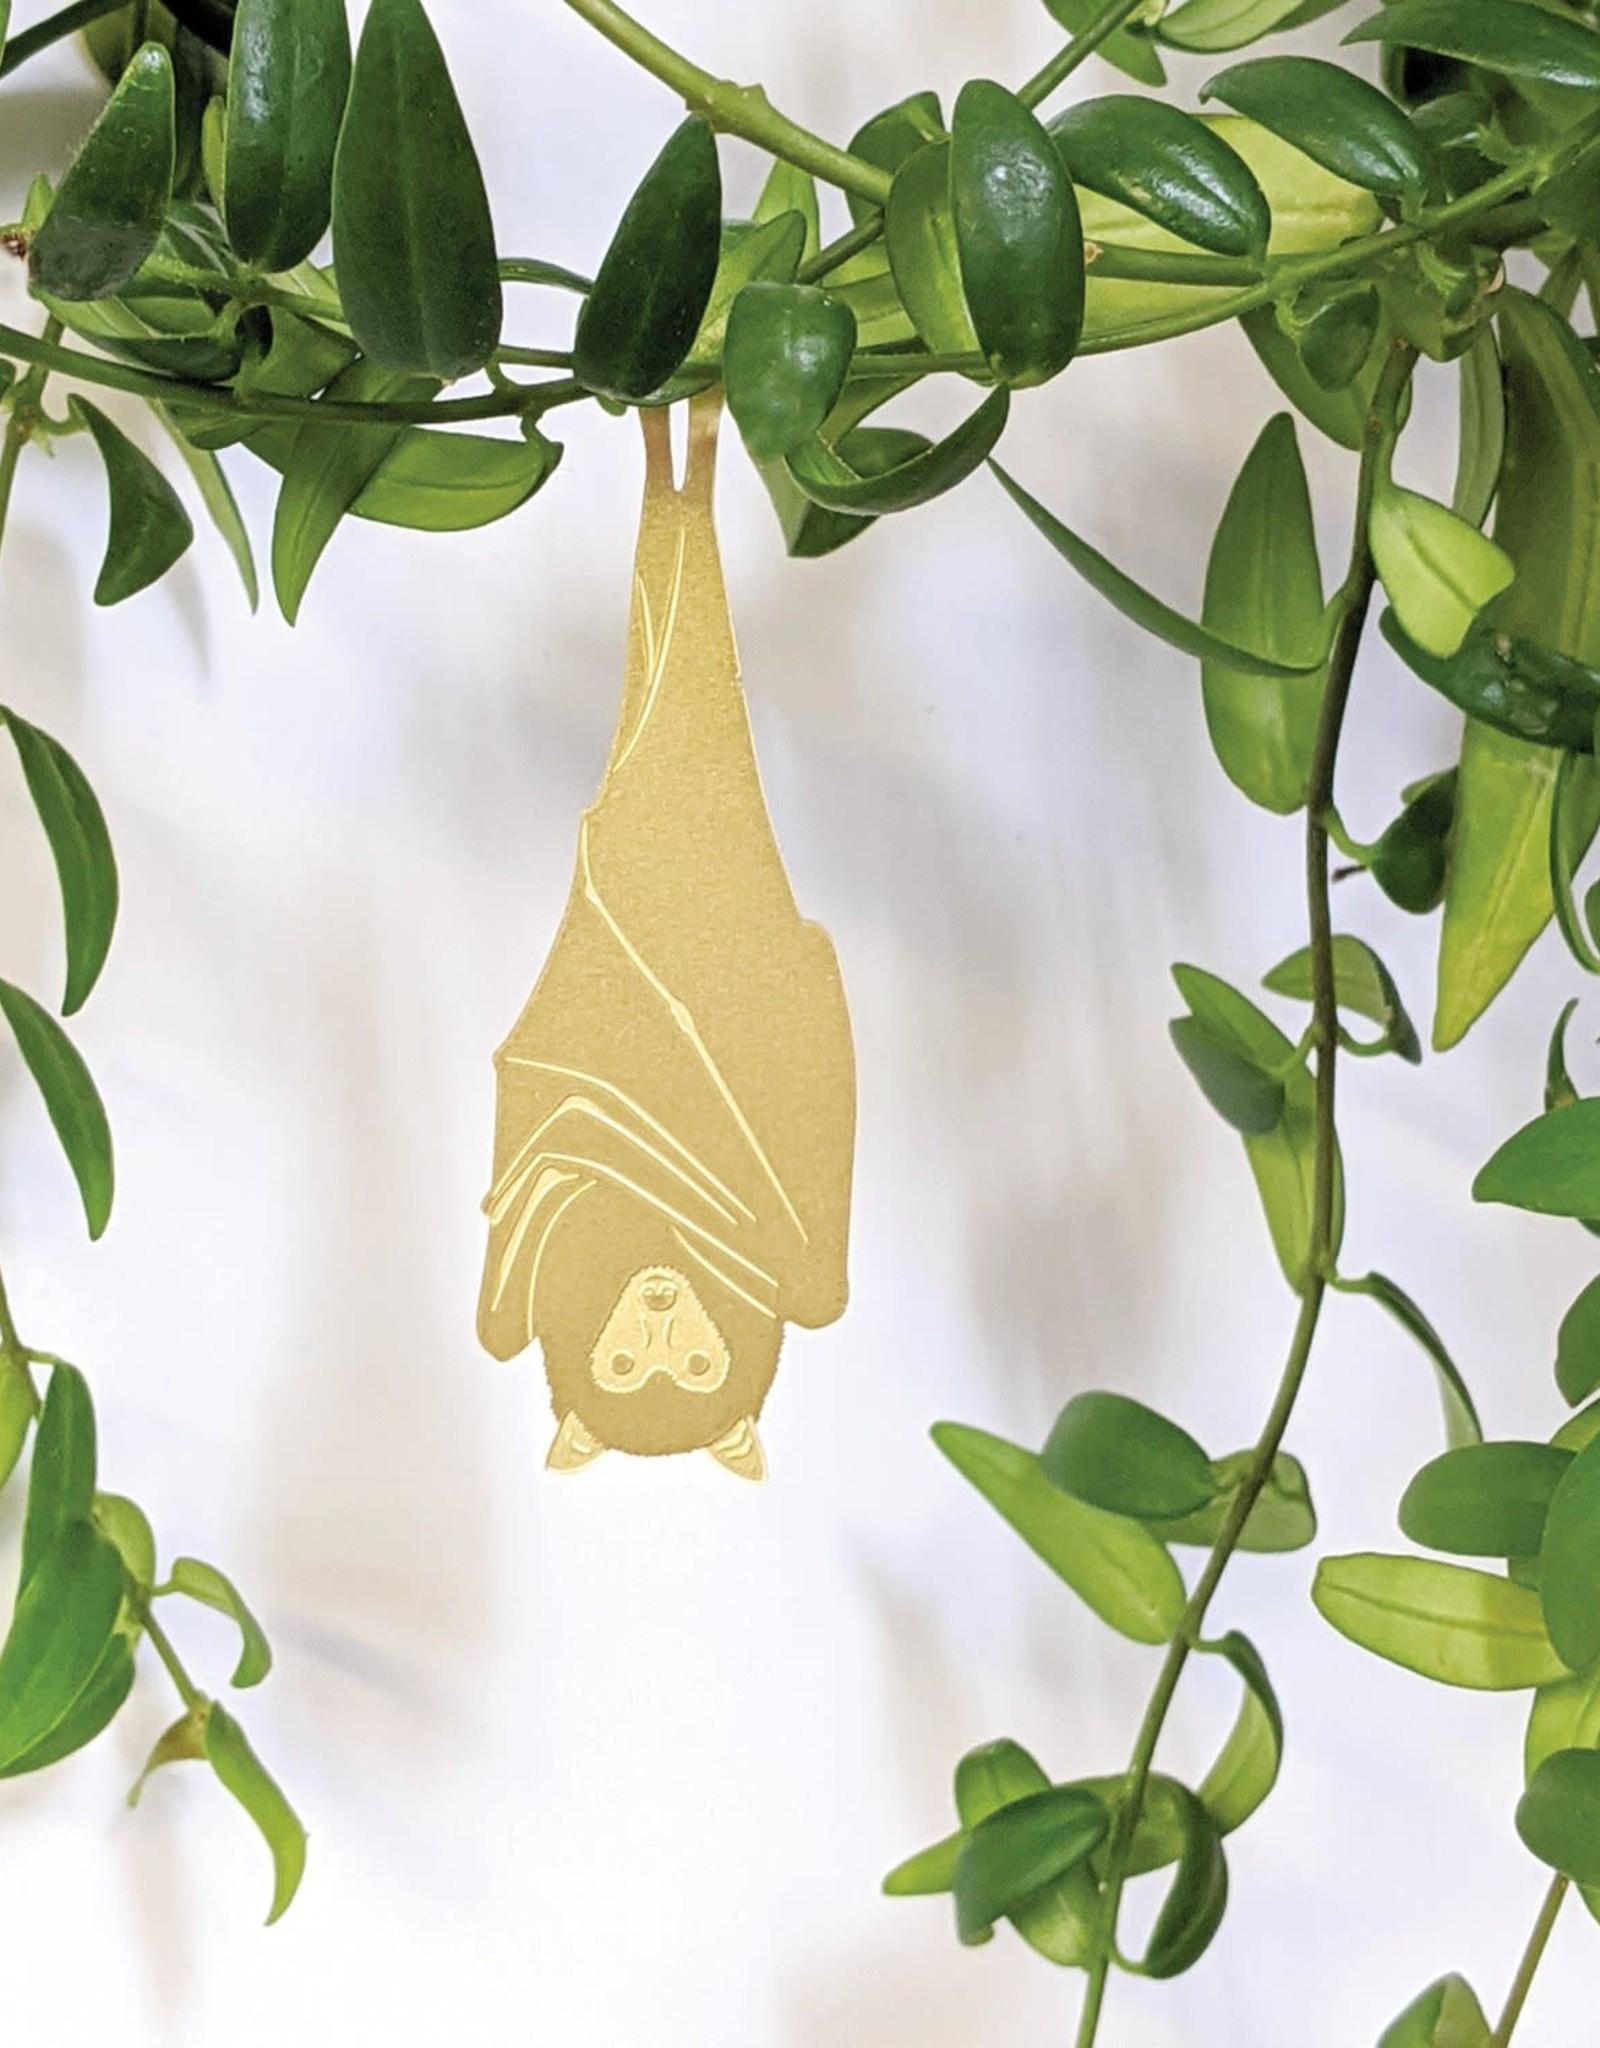 another studio Golden plant hanger - Fruit Bat